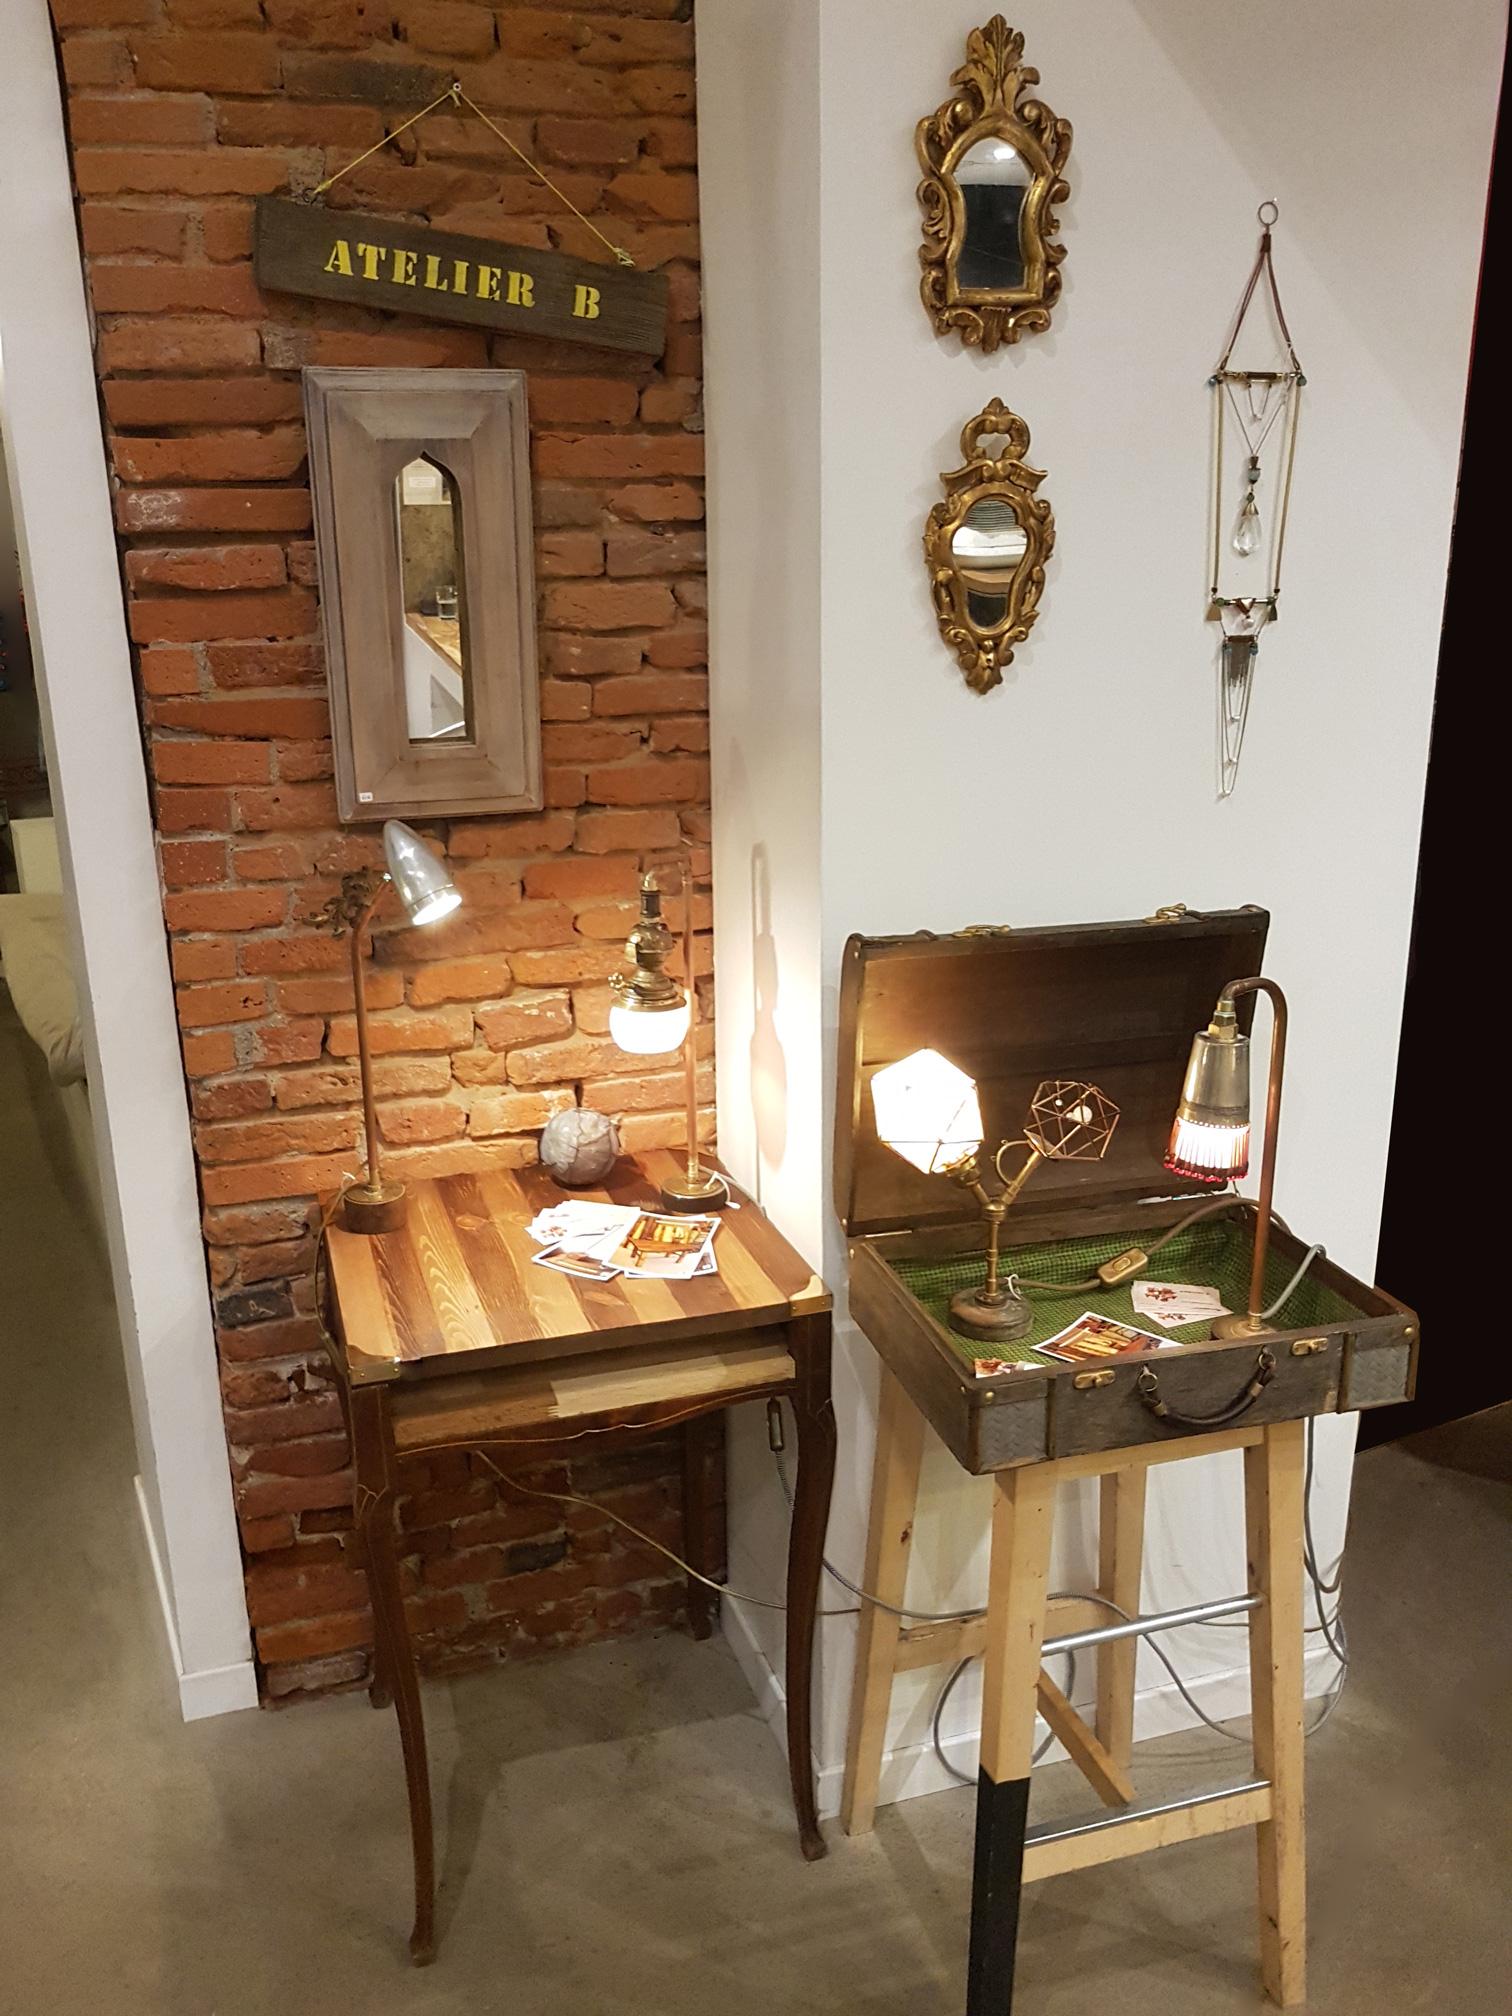 Atelier Du Luminaire Toulouse actualité – atelier b – mobilier, luminaire en matériaux de